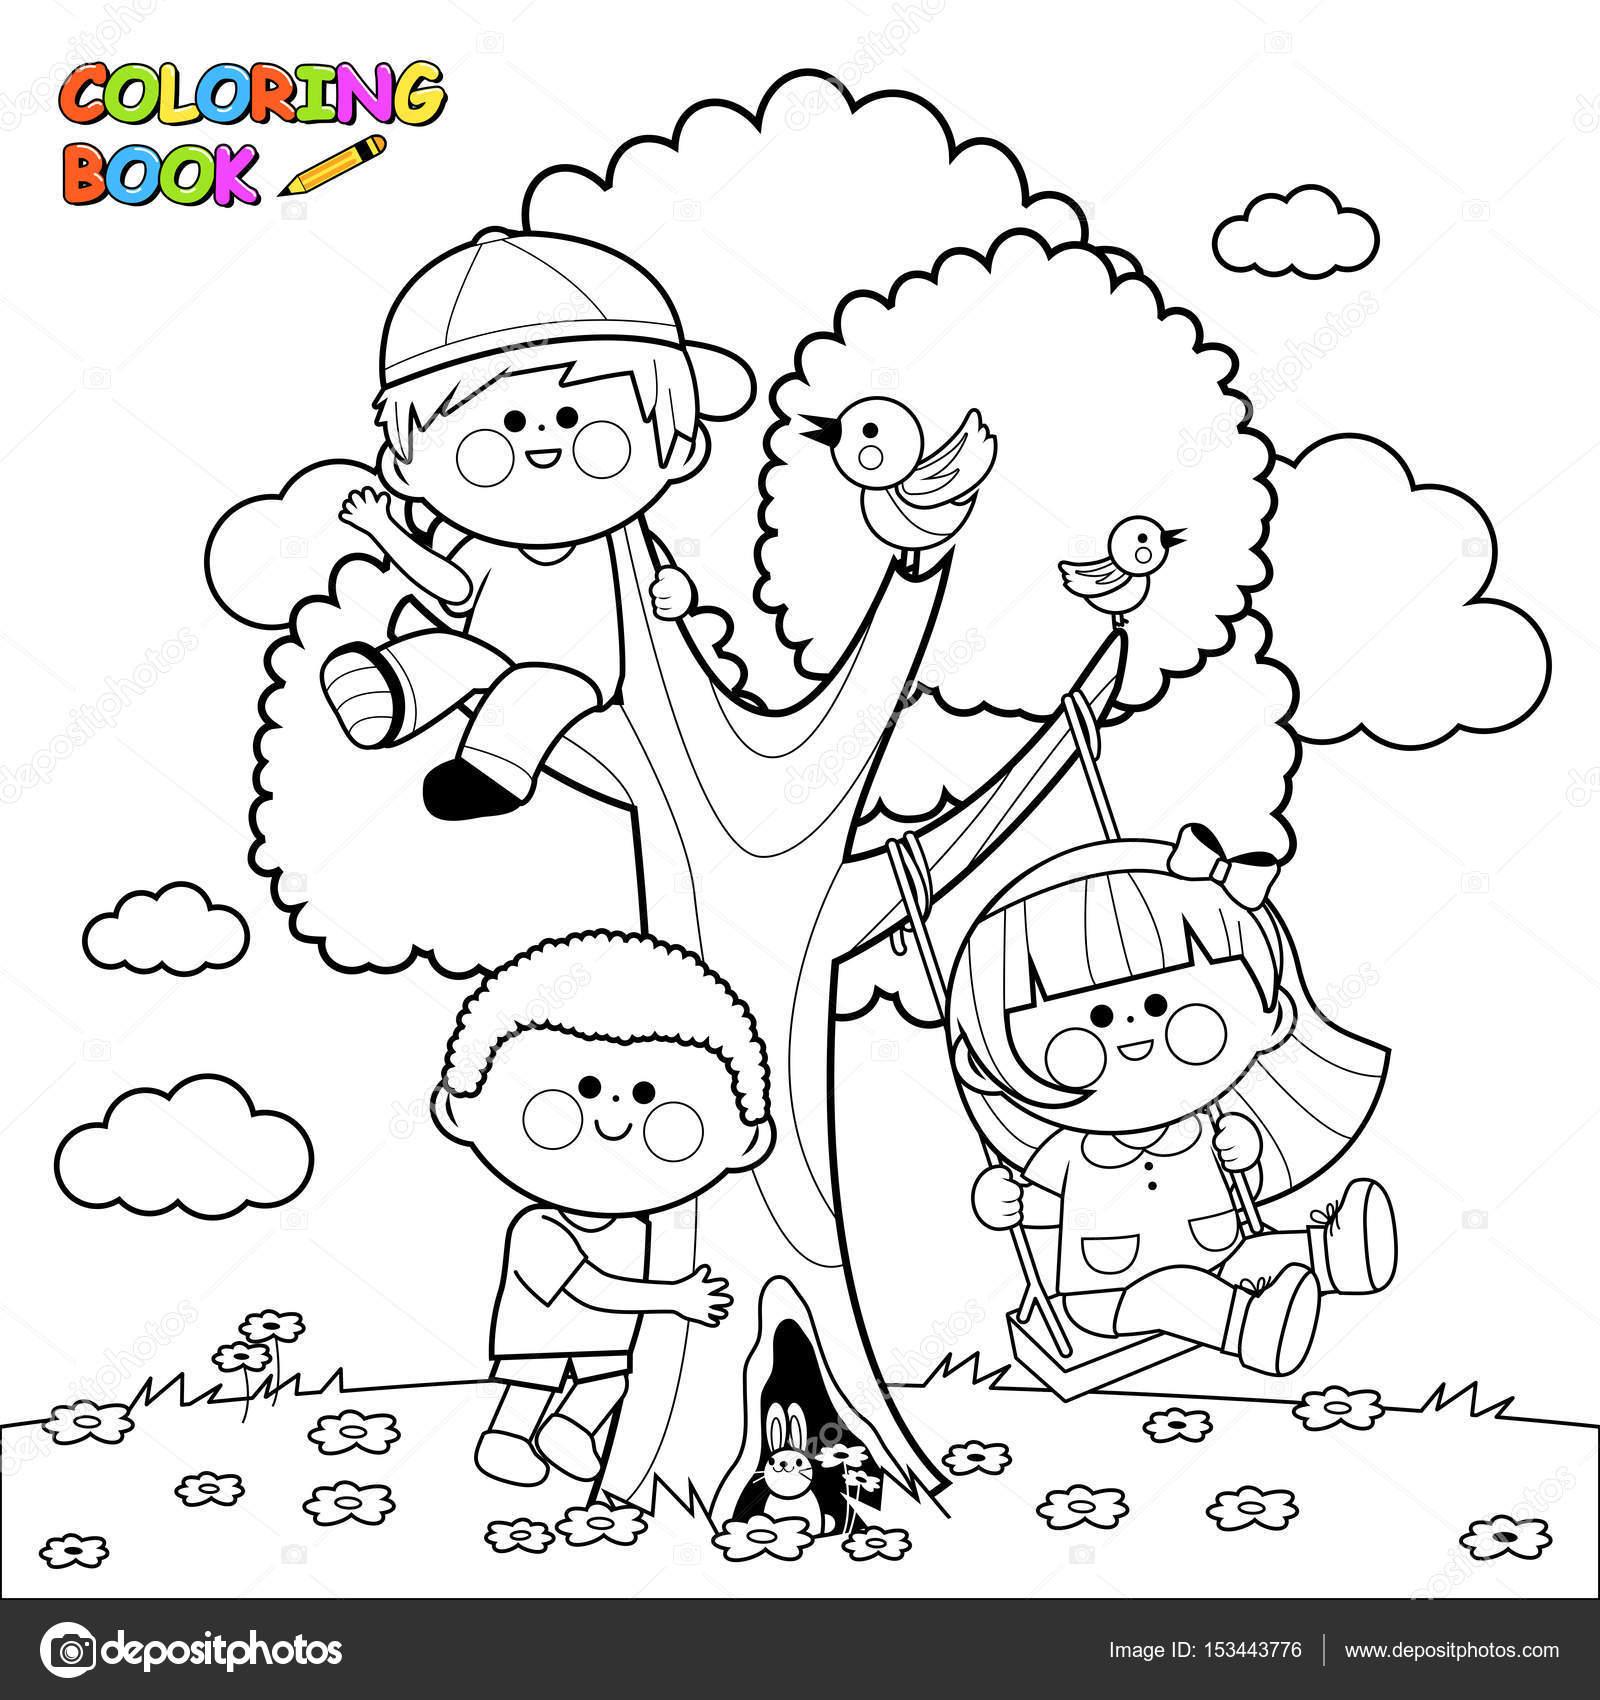 çocuklar Bir Ağaç üzerinde Oyun Boyama Kitabı Sayfası Stok Vektör